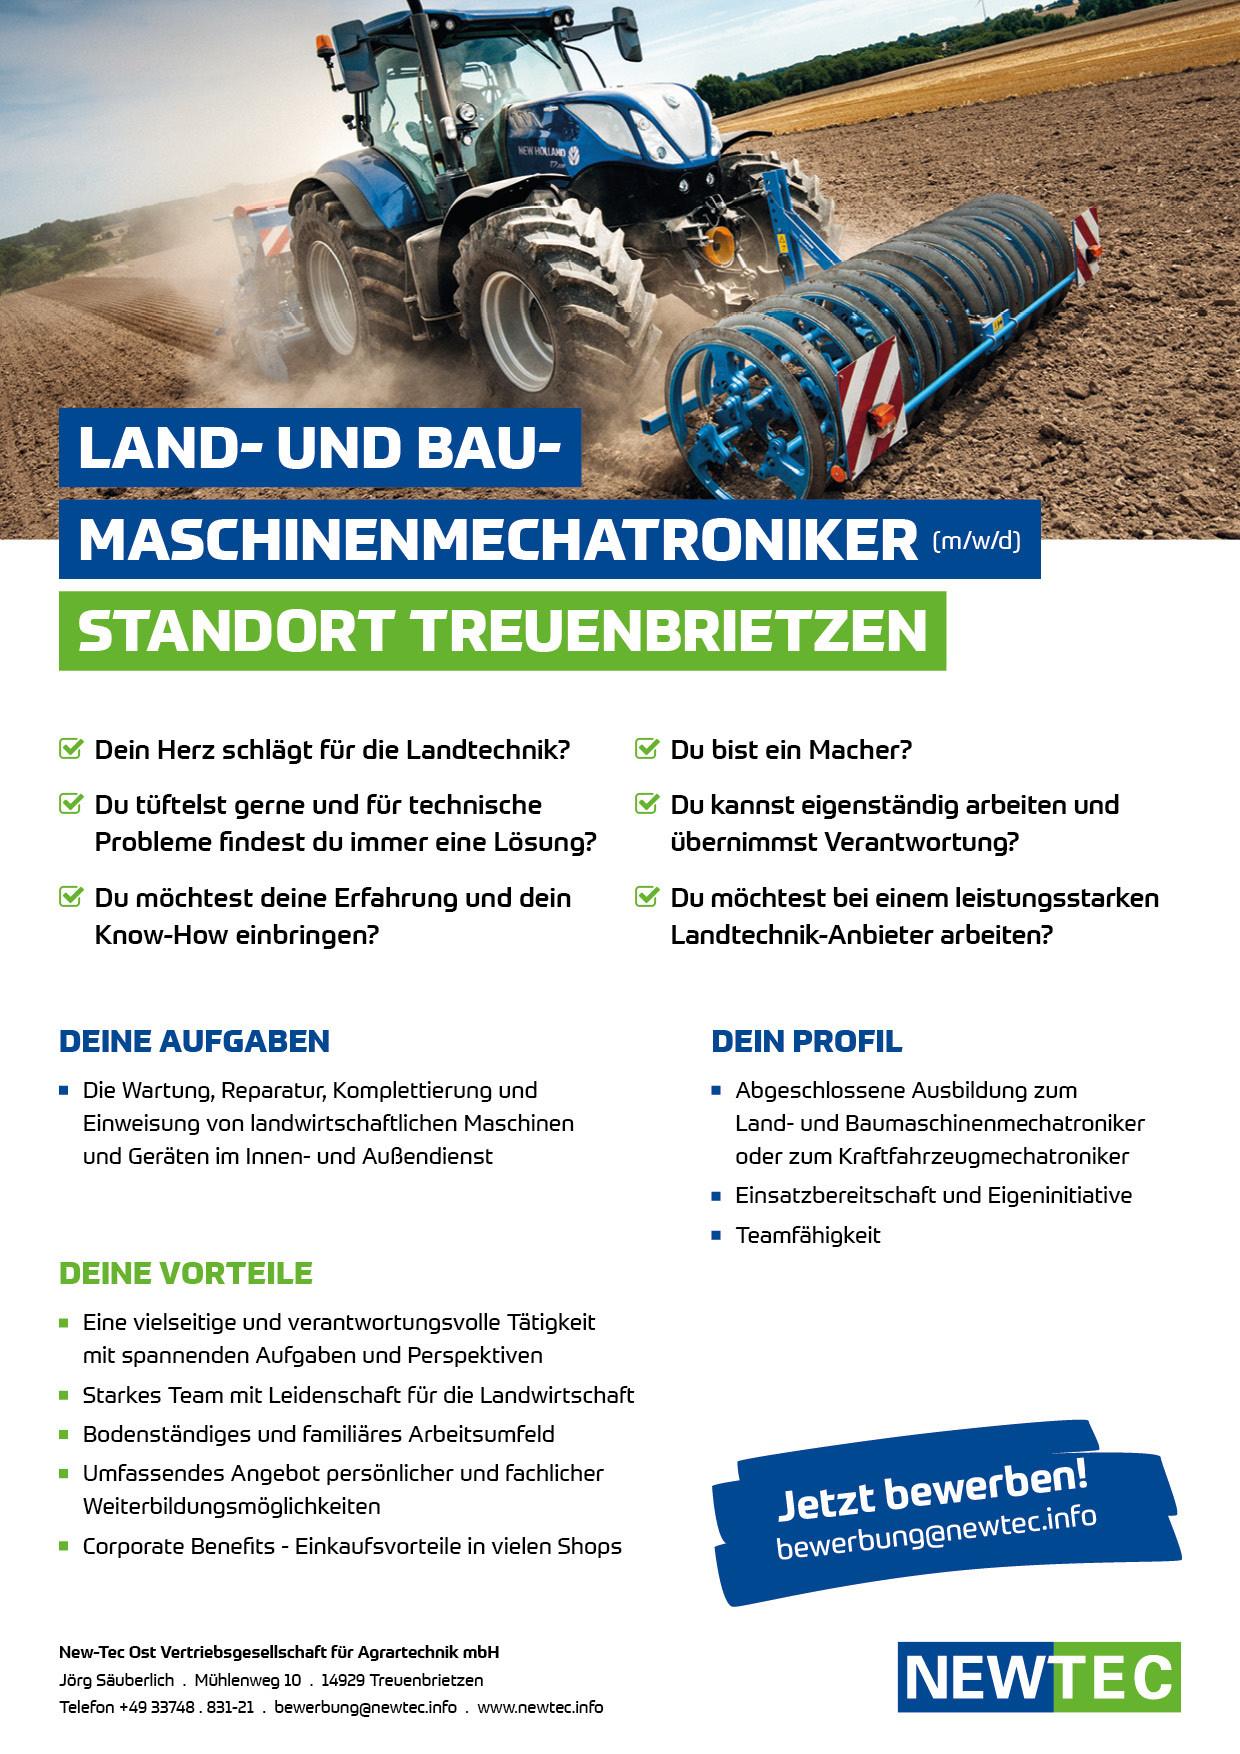 NEWTEC_Stellenanzeige_Land-_und_Baumaschinenmechatroniker_Treuenbrietzen